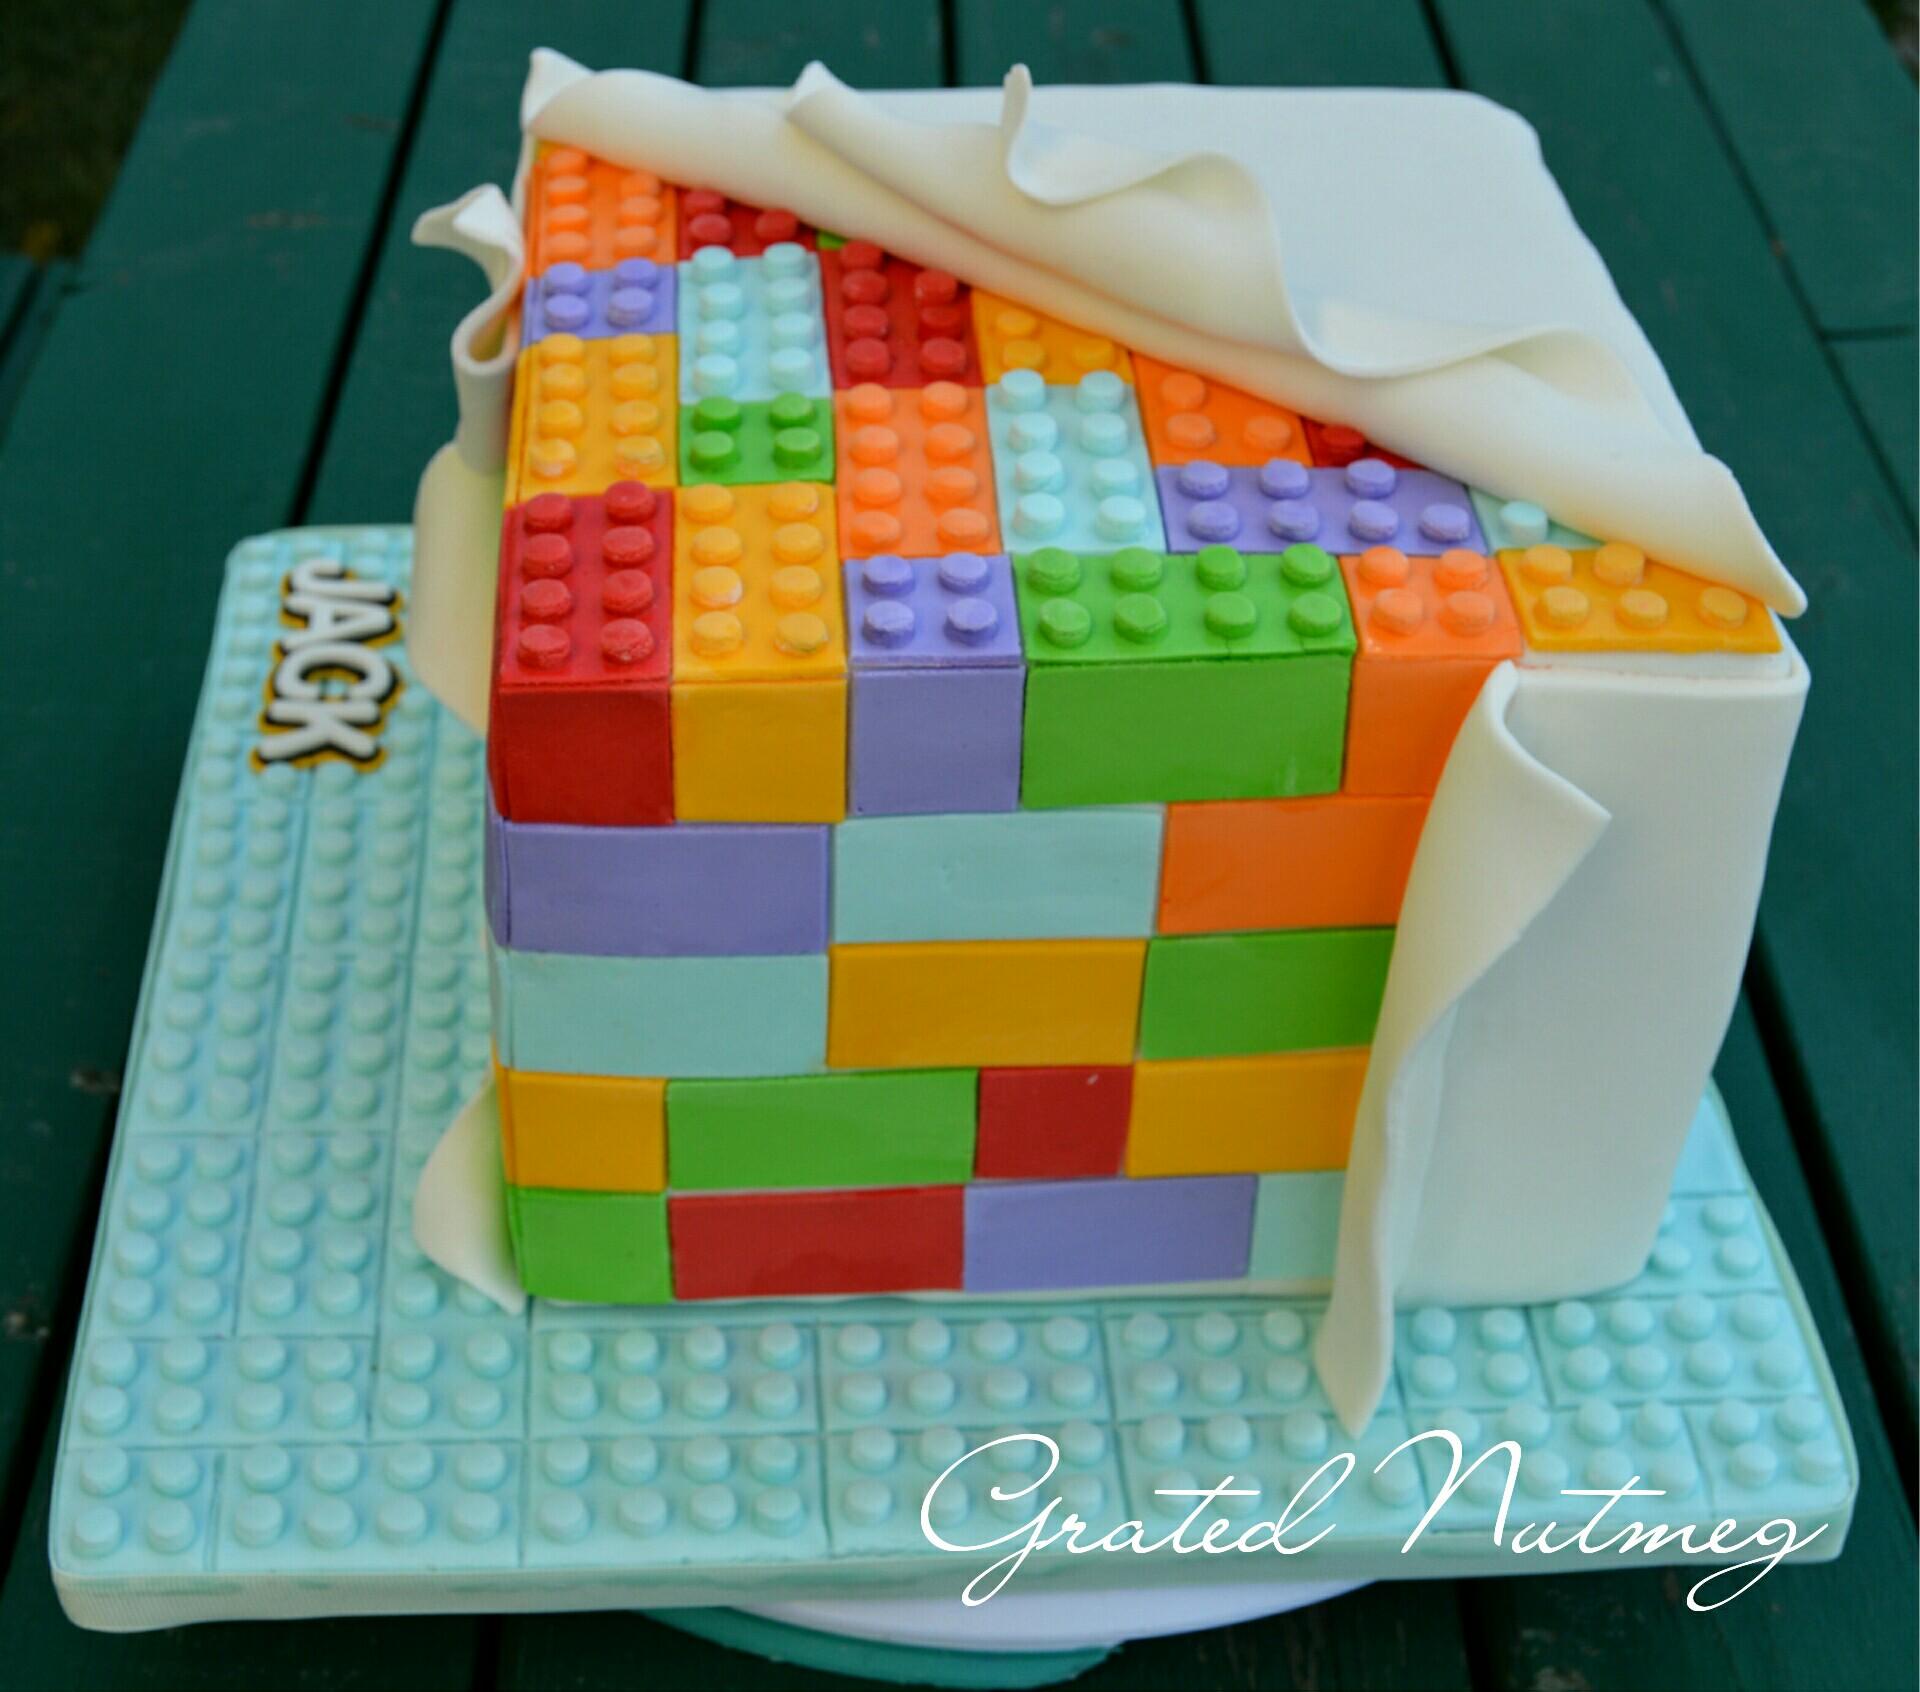 Lego Cakes Grated Nutmeg